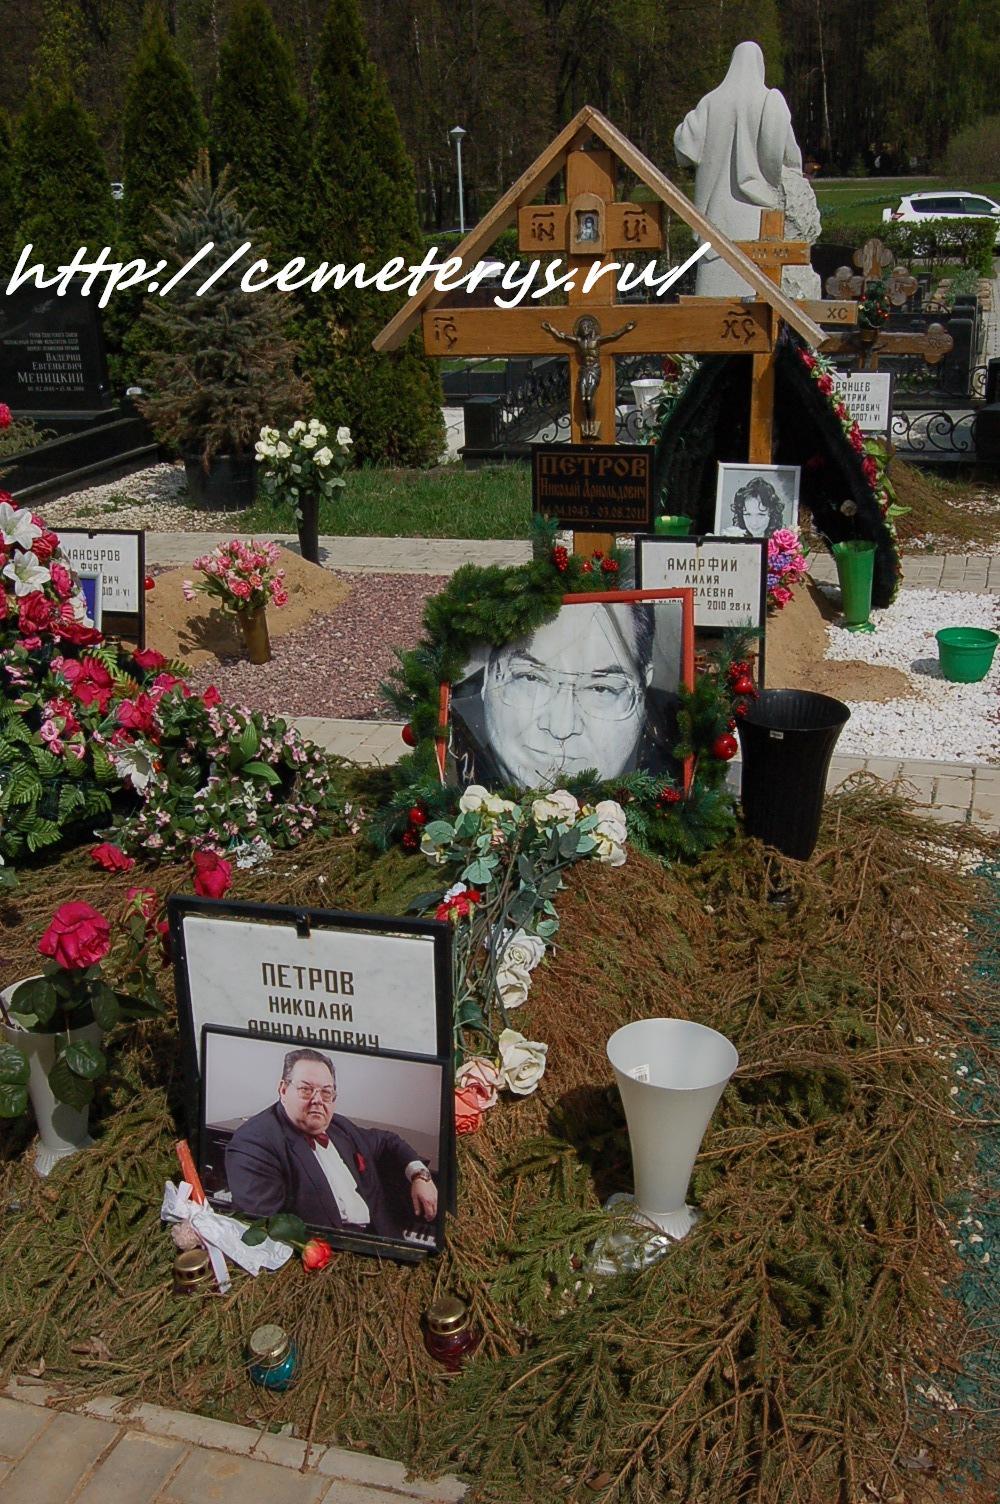 могила Николая Петрова на Троекуровском кладбище в Москве  (фото Дмитрия Кондратьева)